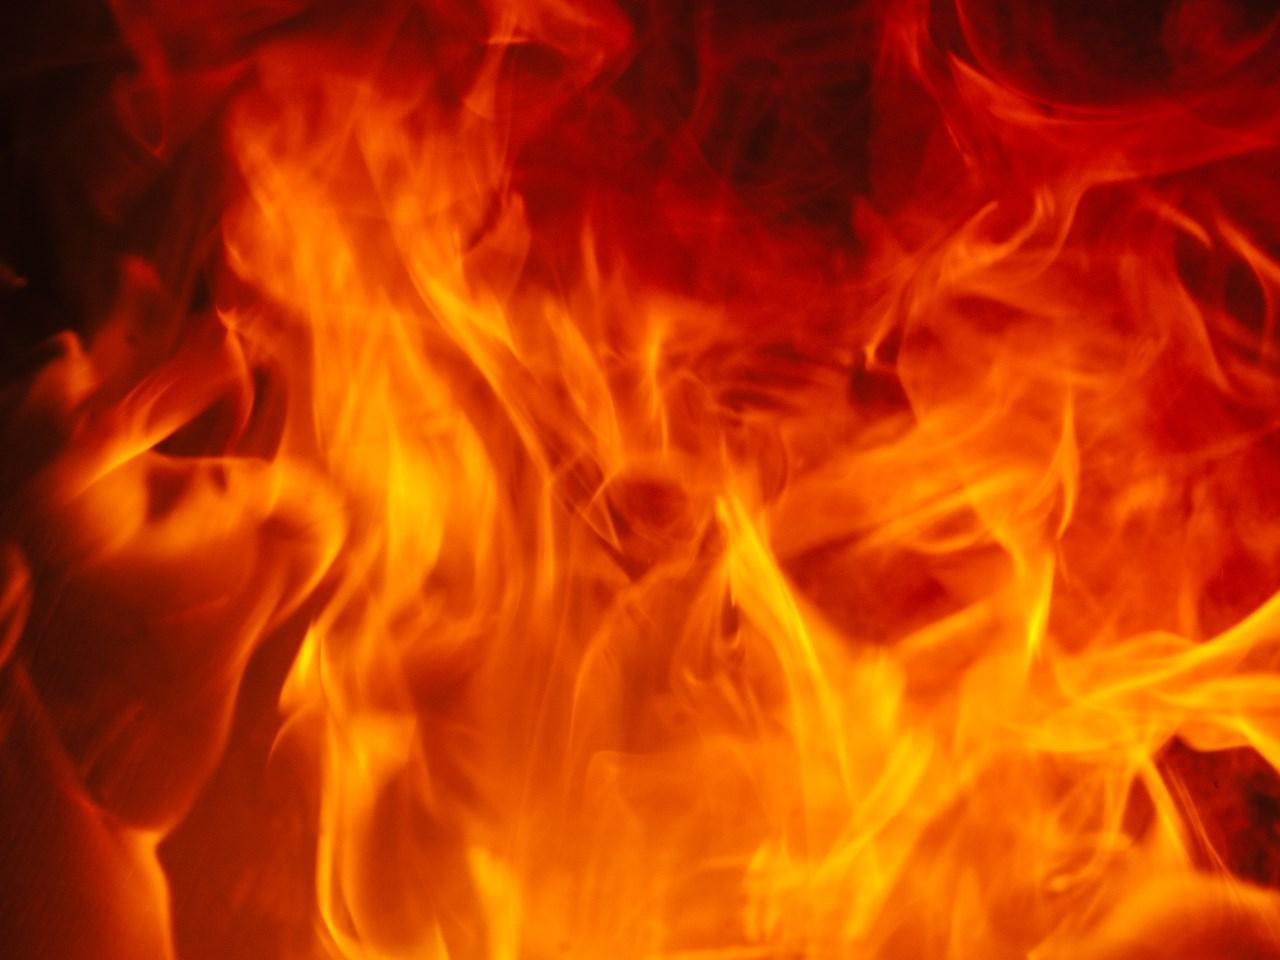 generic fire_1491411813481.jpg